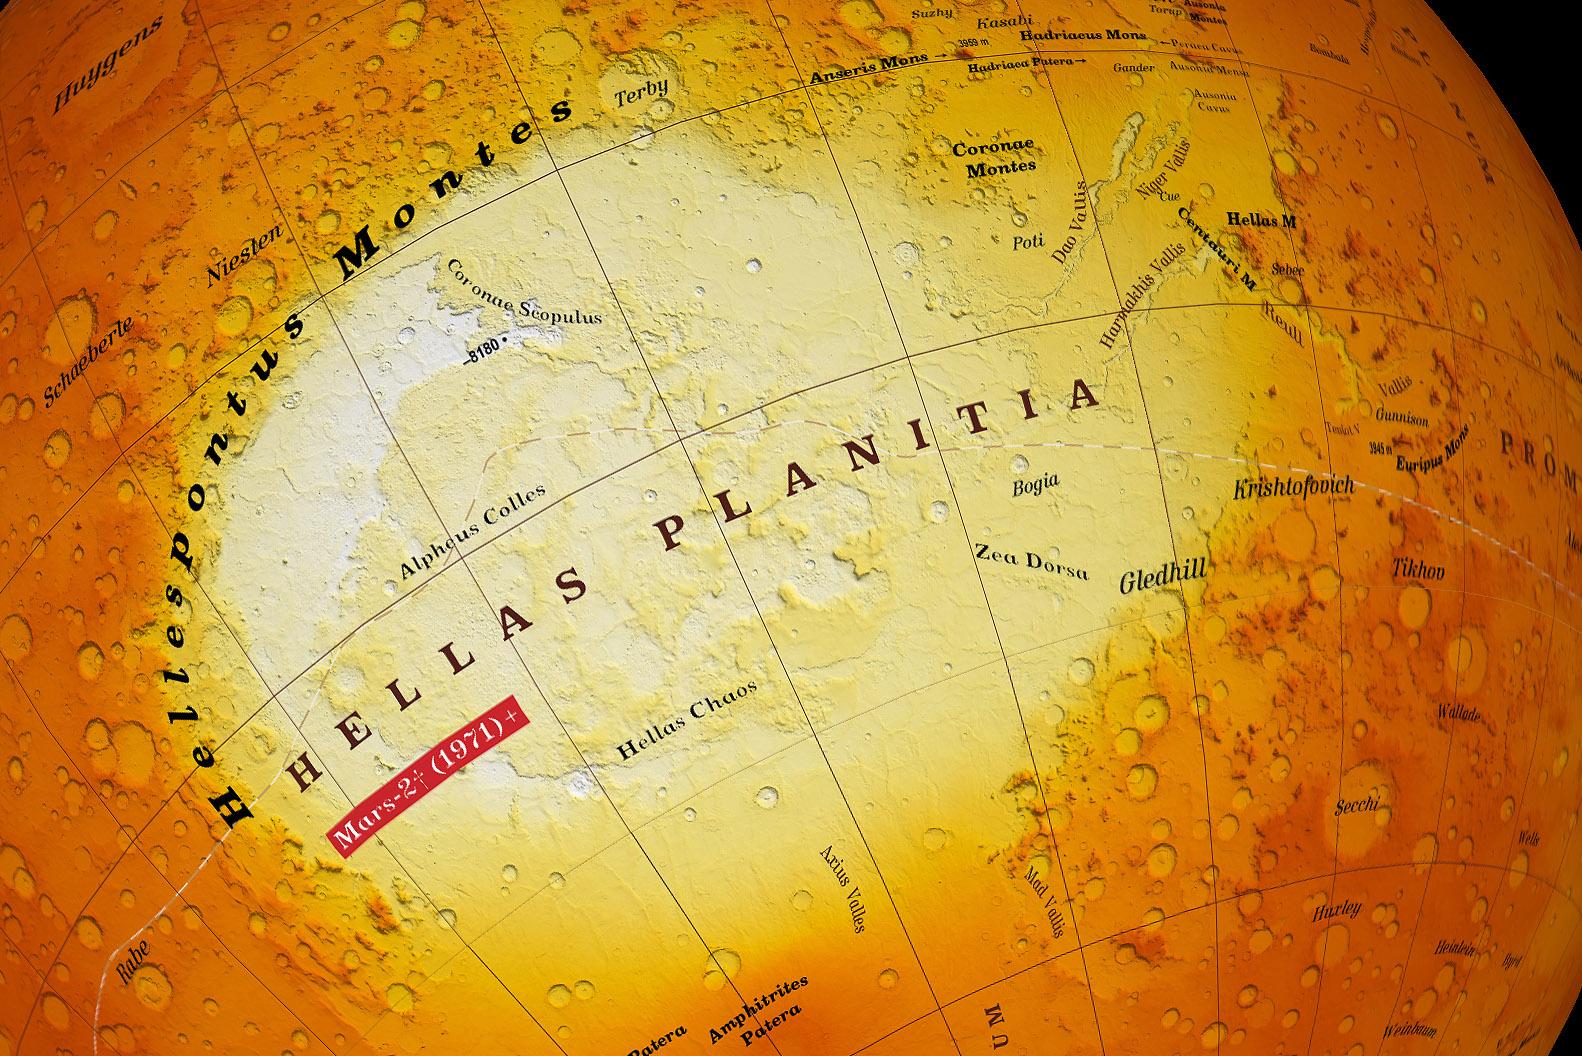 Карта Марса с изображением равнины Эллада. Фото:planetologia.elte.hu